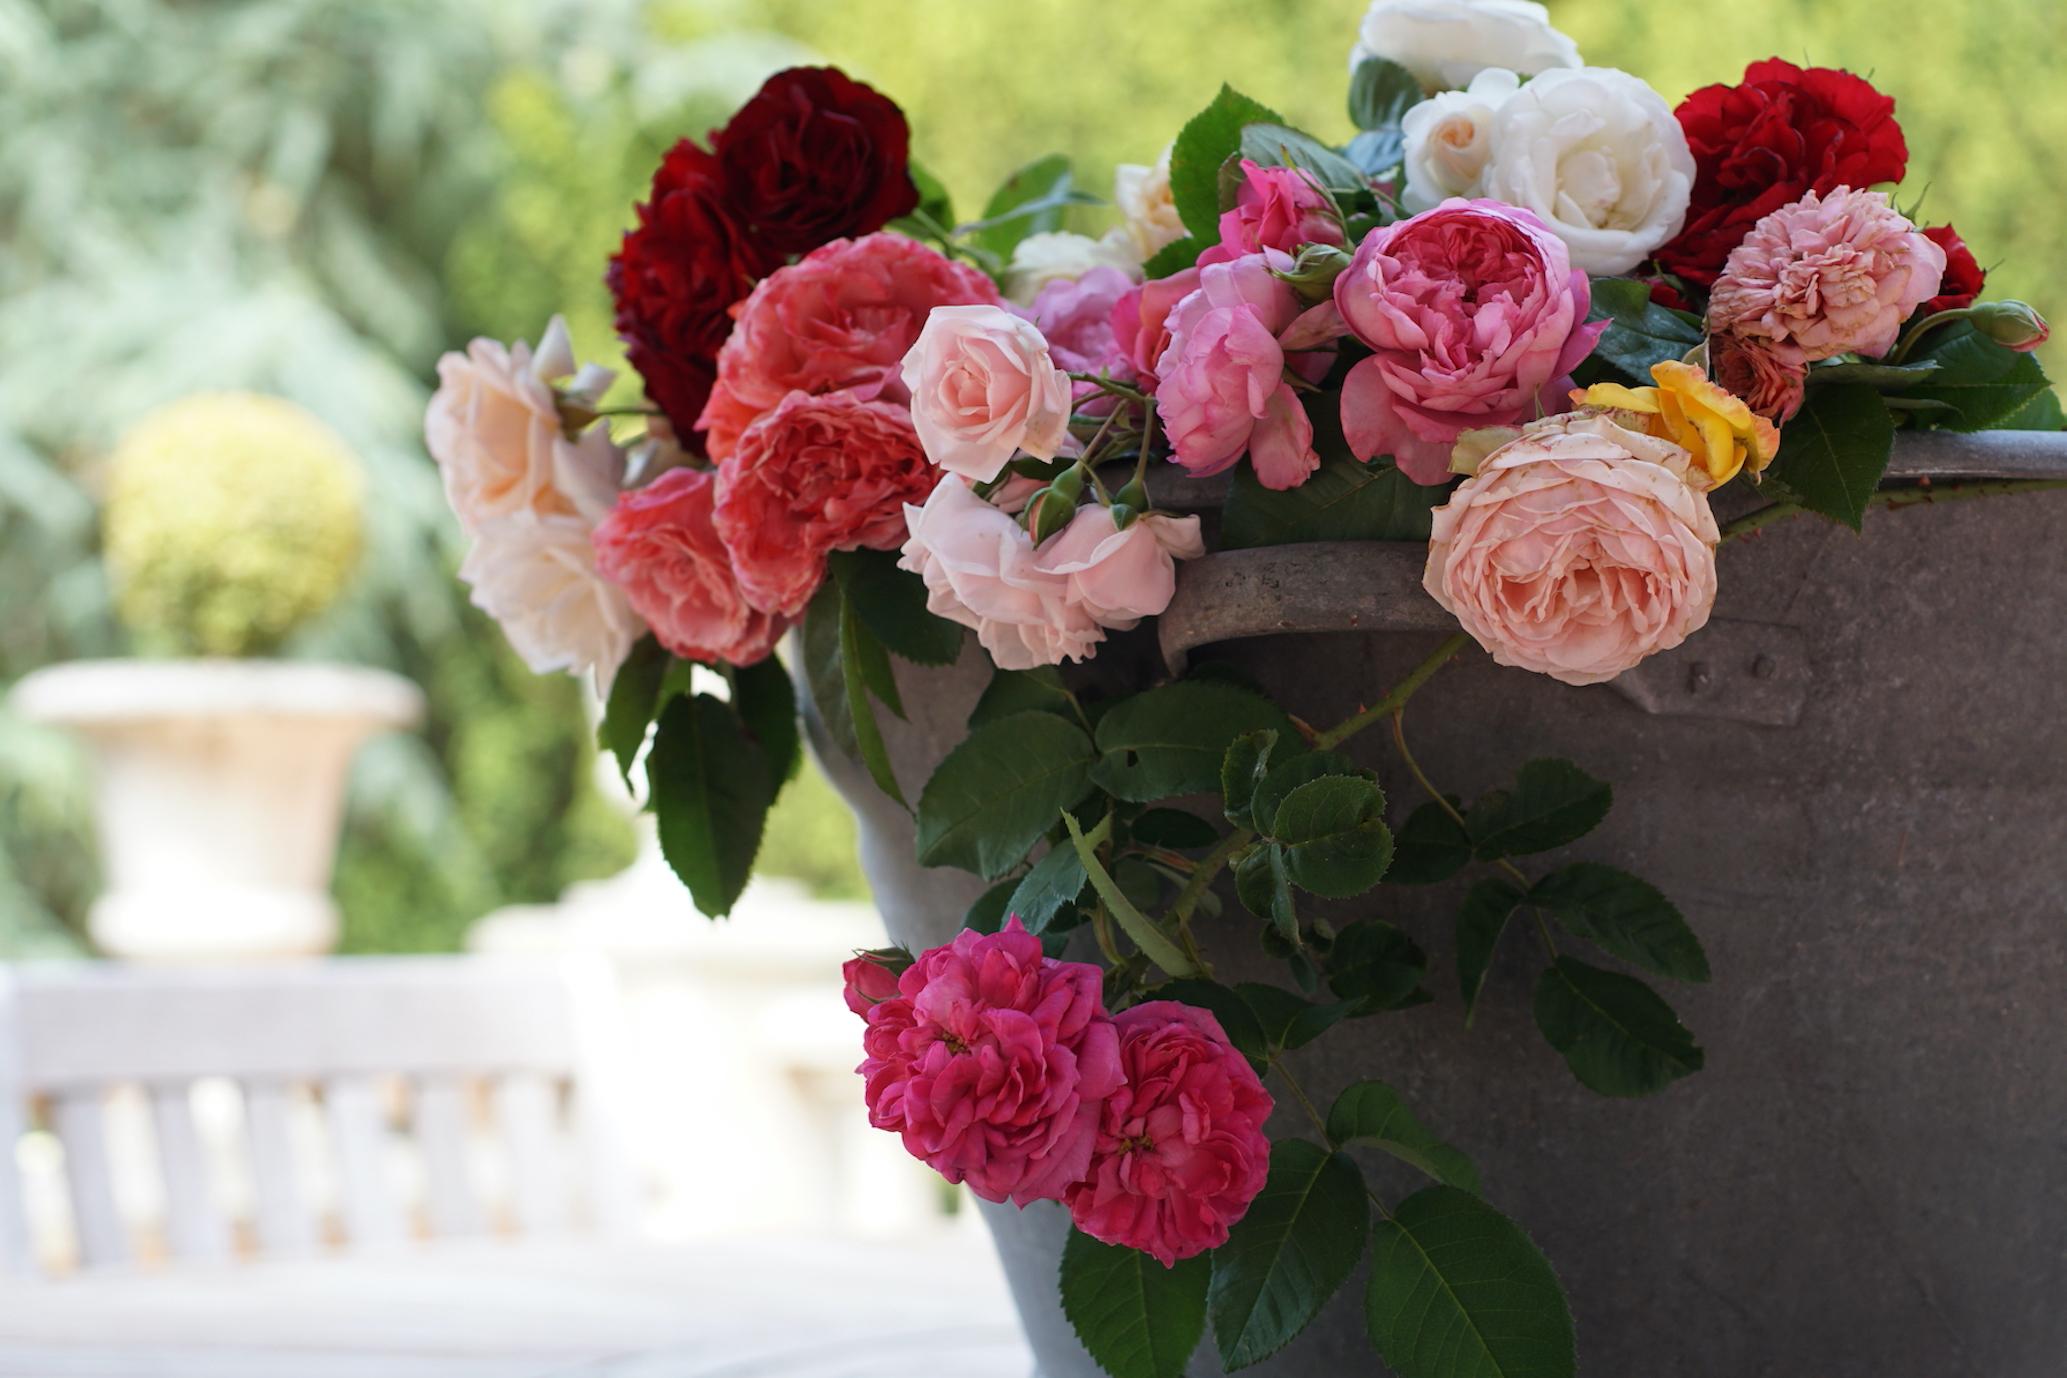 Réalisez votre rêve d'une rose Guillot® à votre nom ! - Roses Guillot®